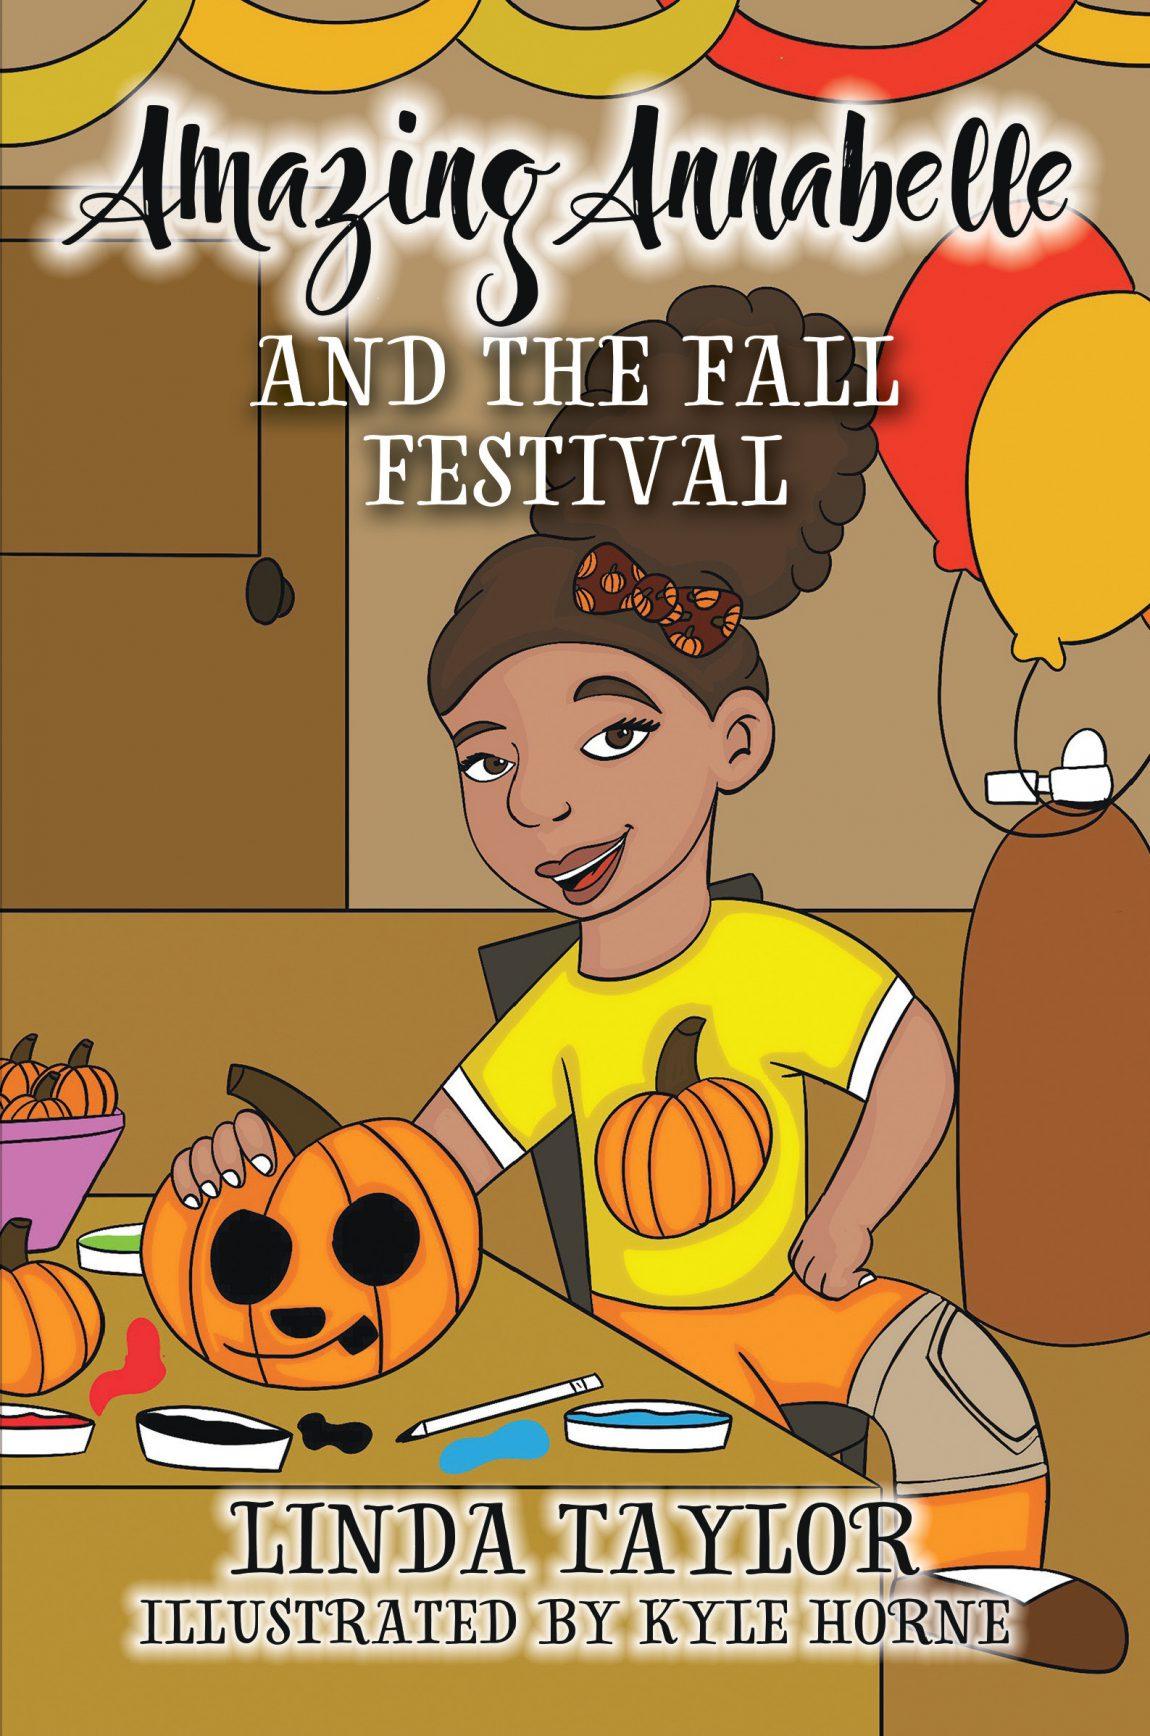 the-Fall-Festival.jpg